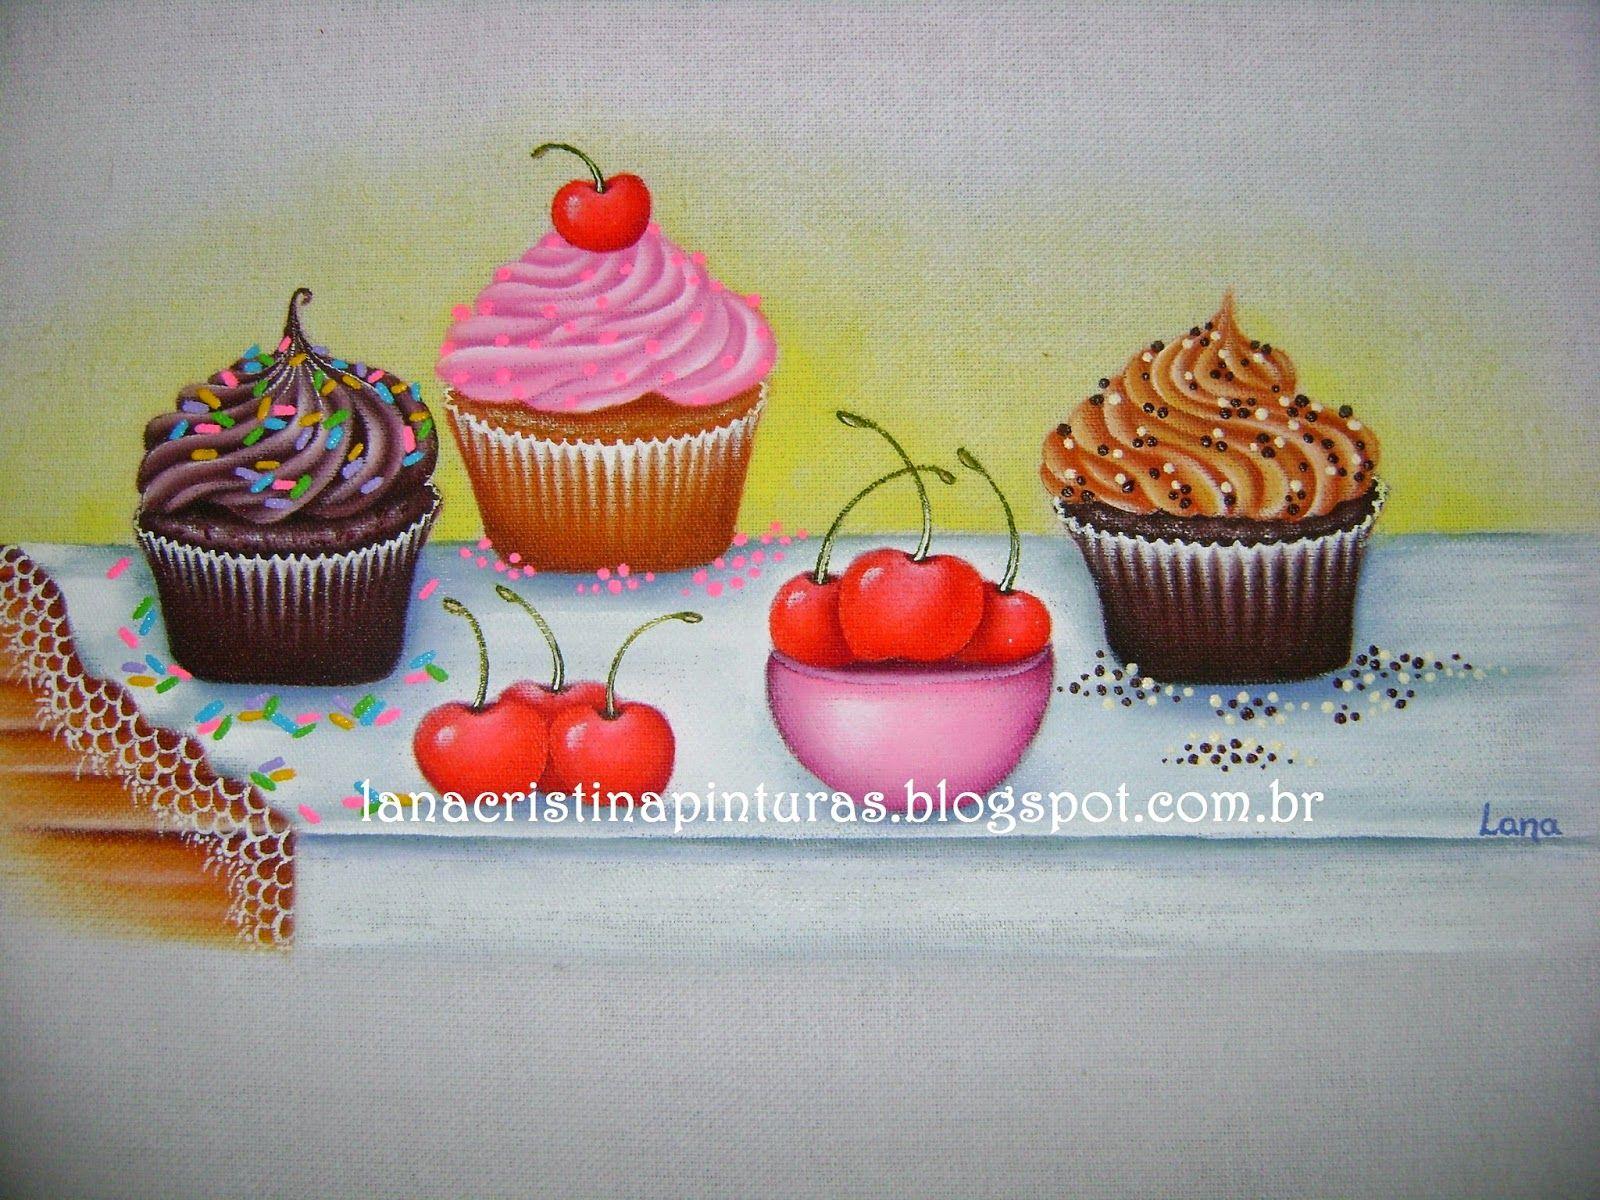 Cupcakes Pintura em Tecido | FRUTAS E LEGUMES | Pinterest